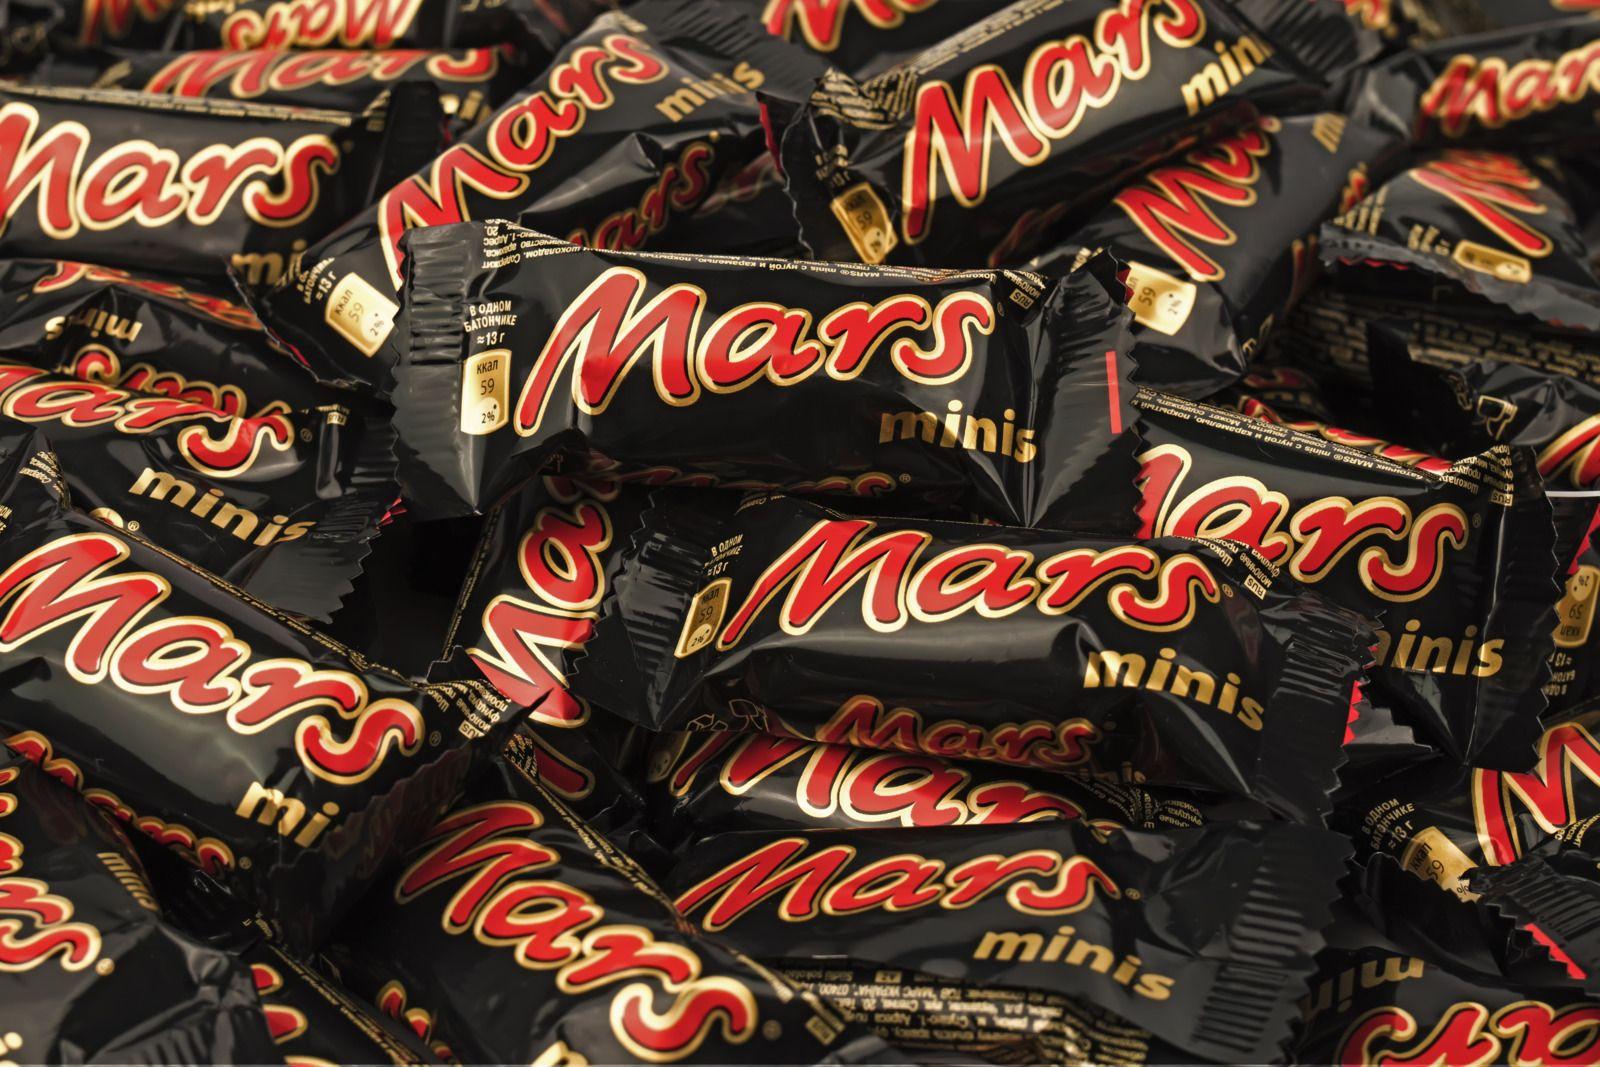 Конфеты на развес марки «Полная чаша» и шоколадные батончики компании «Марс»